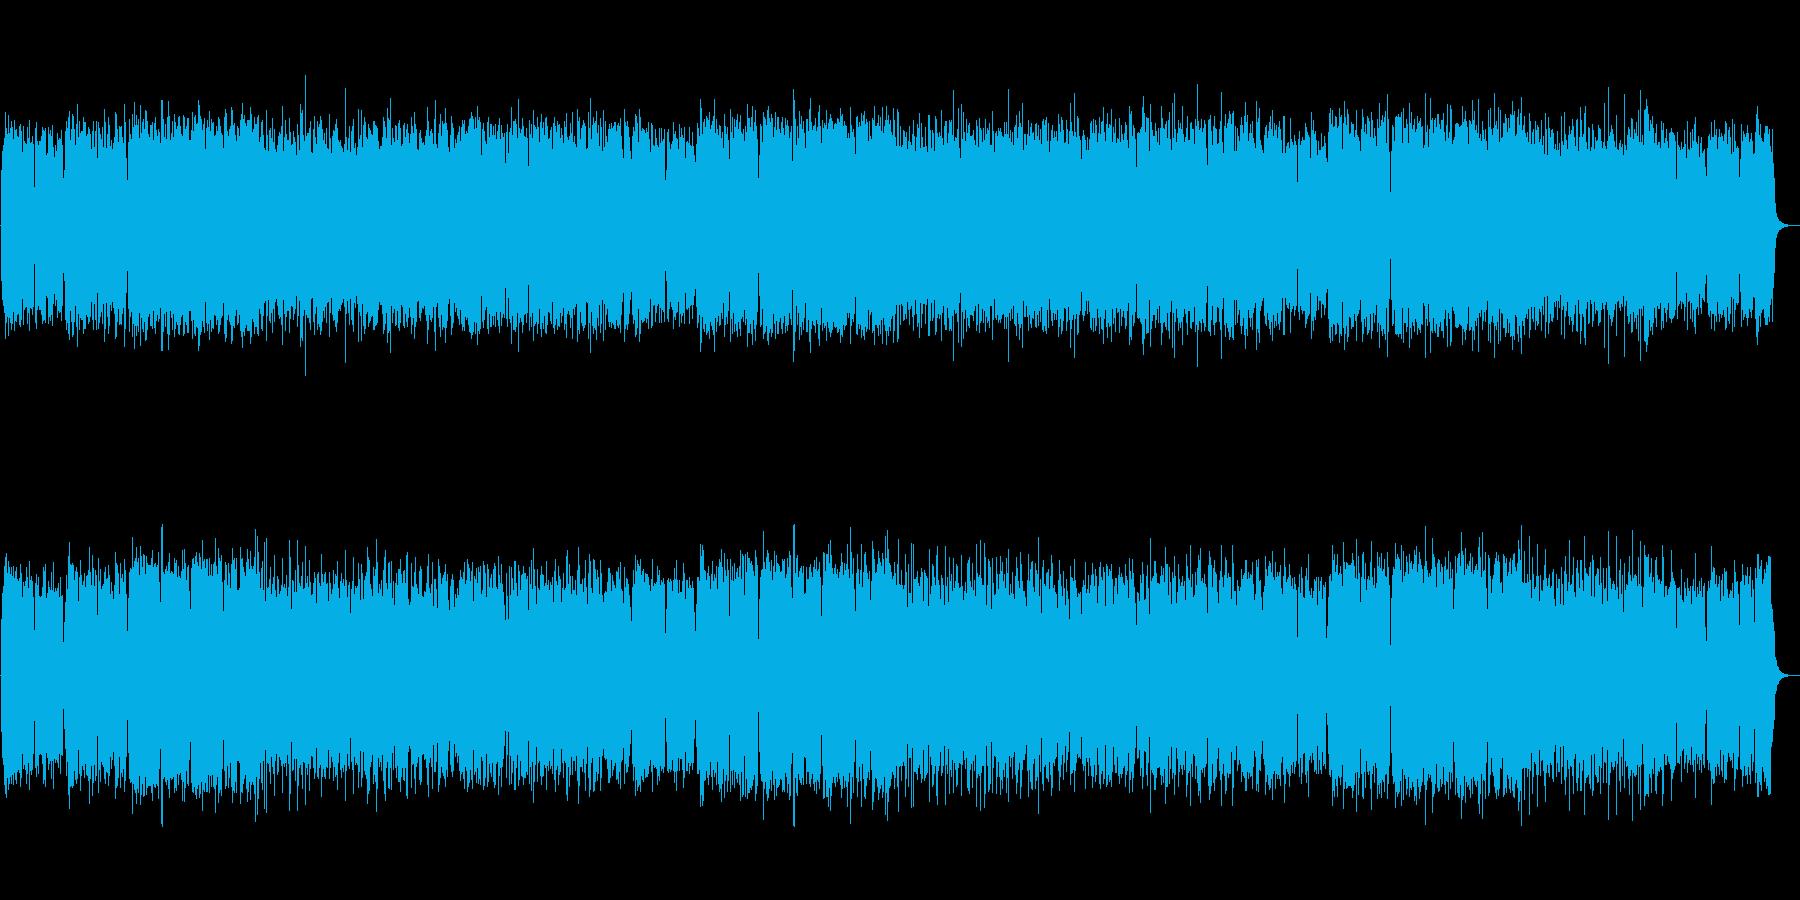 【生録音】和ロック・篠笛・疾走感の再生済みの波形